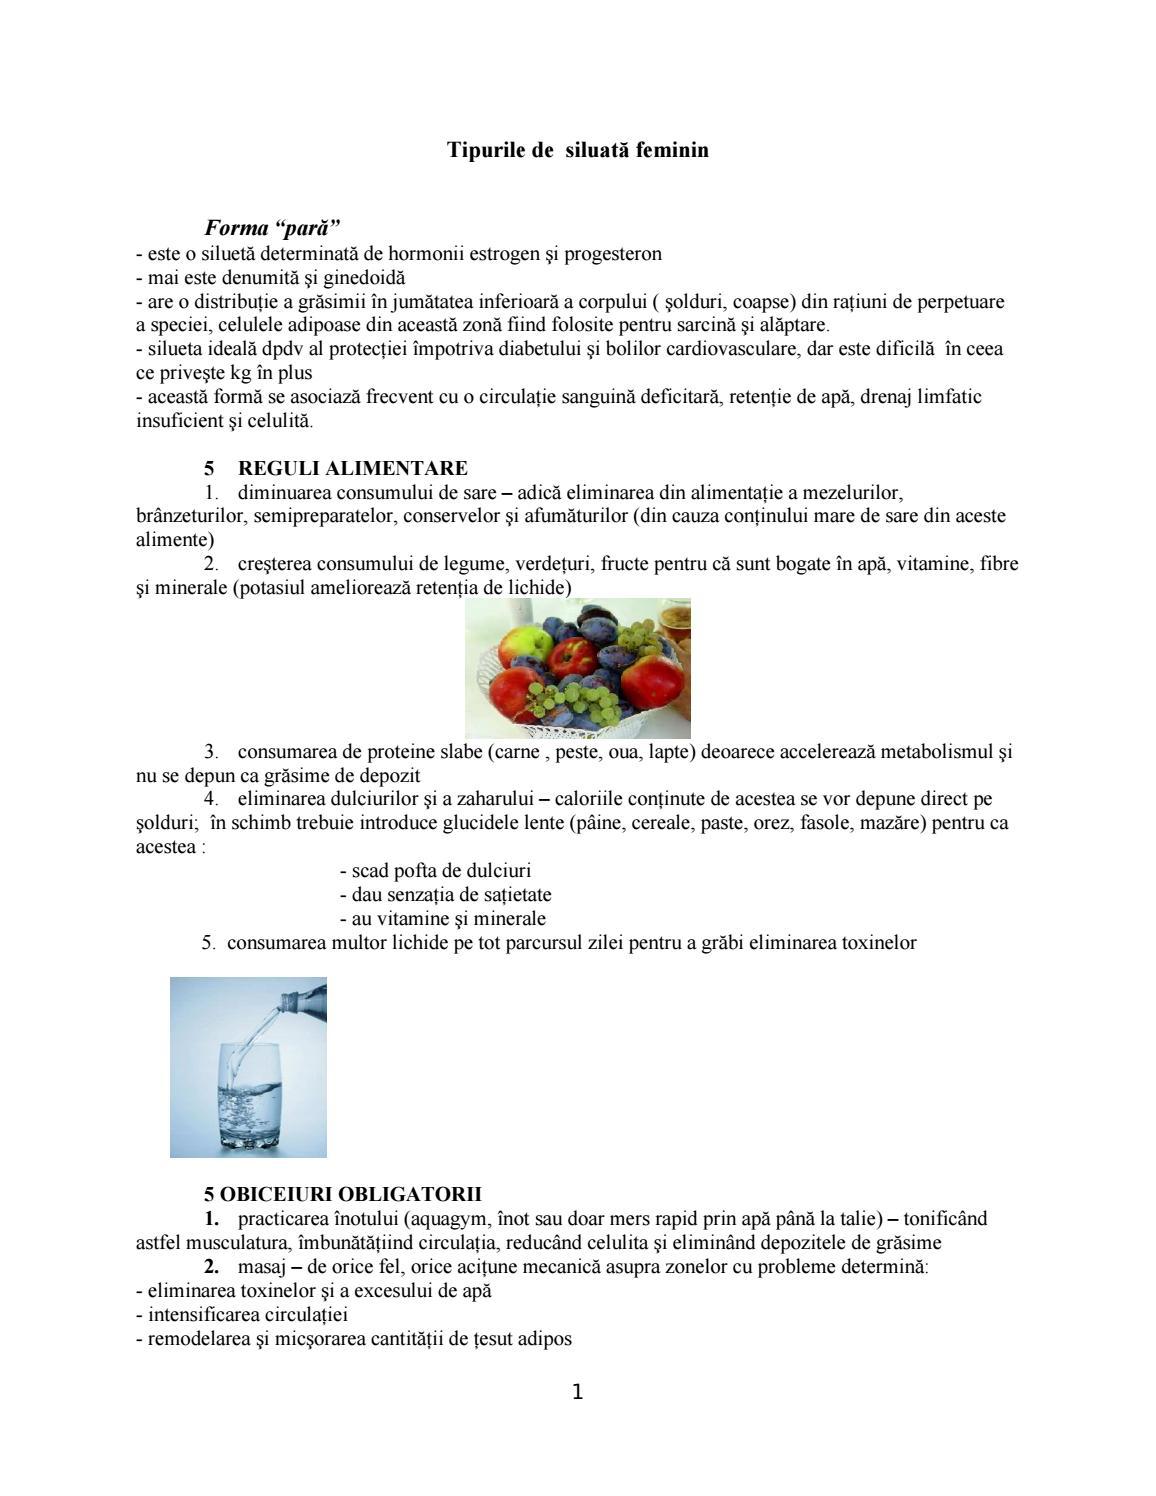 Cum se produce detoxifierea organismului, când este recomandată și ce trebuie să faci?